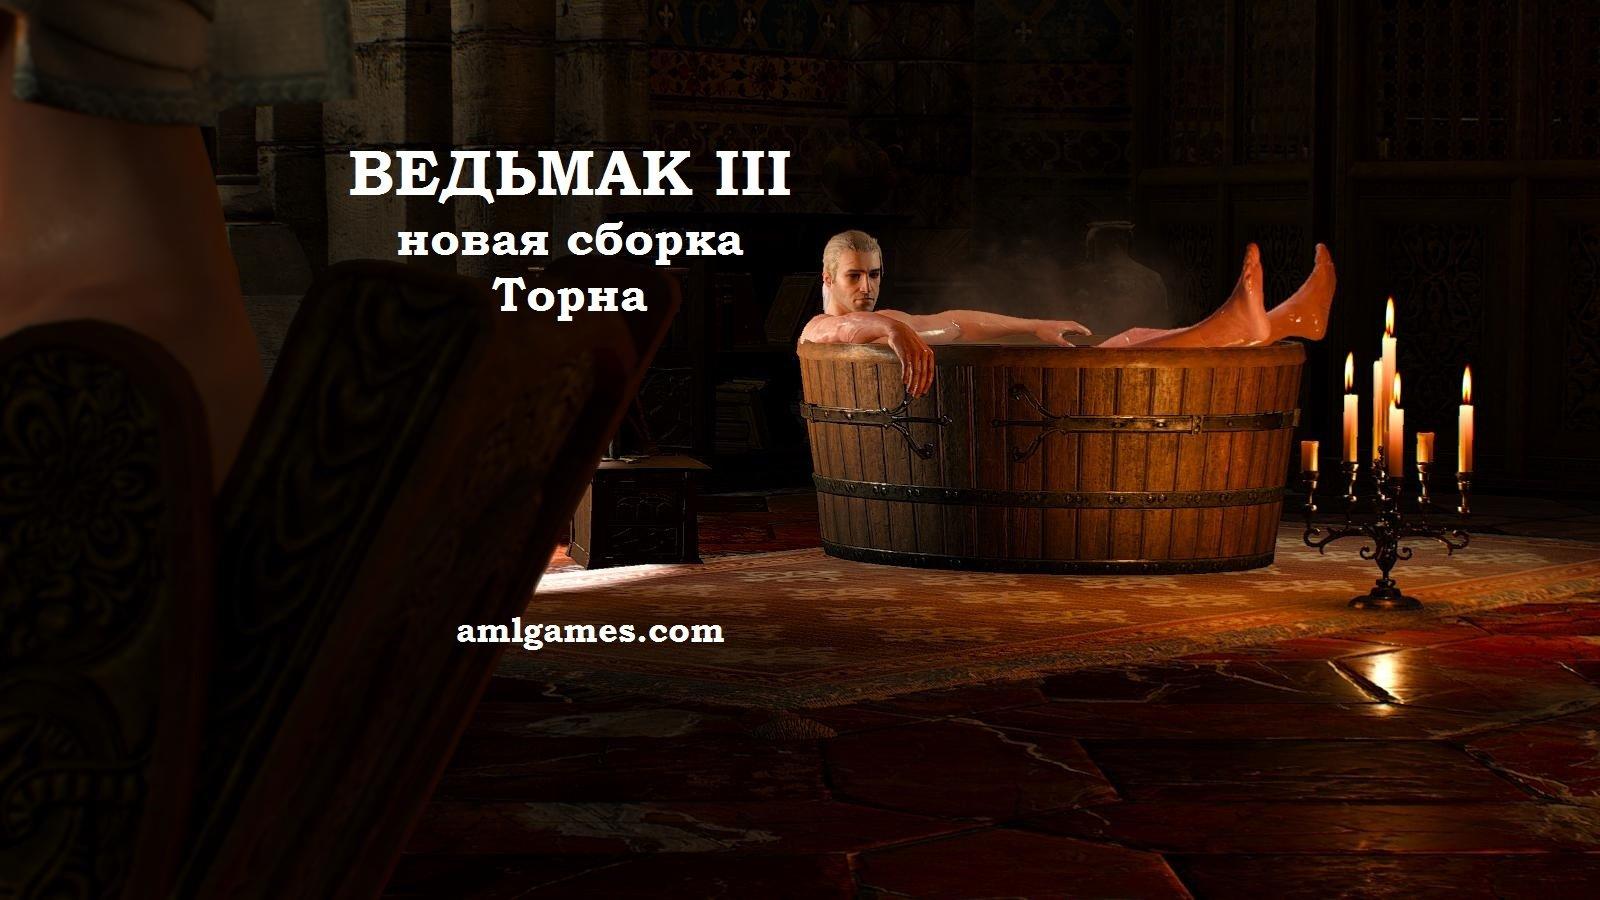 Обложка 1.1. ВЕДЬМАК III - Сборка Торна